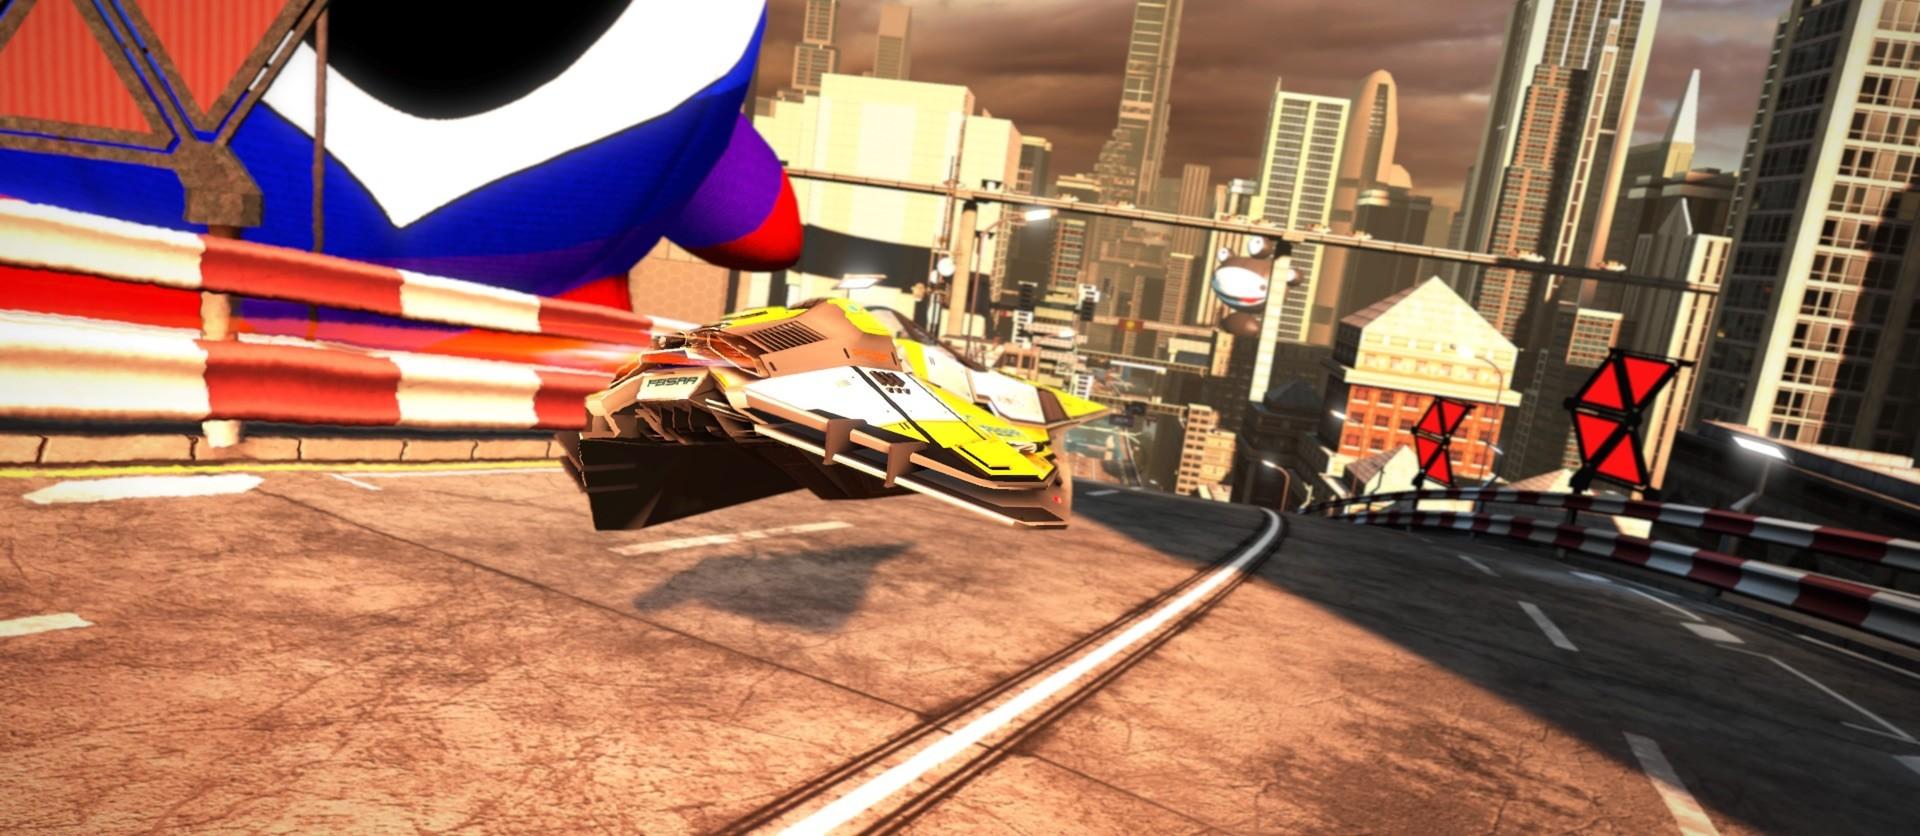 Kein Rennspiel ist schärfer als WipEout Omega auf der PS4.